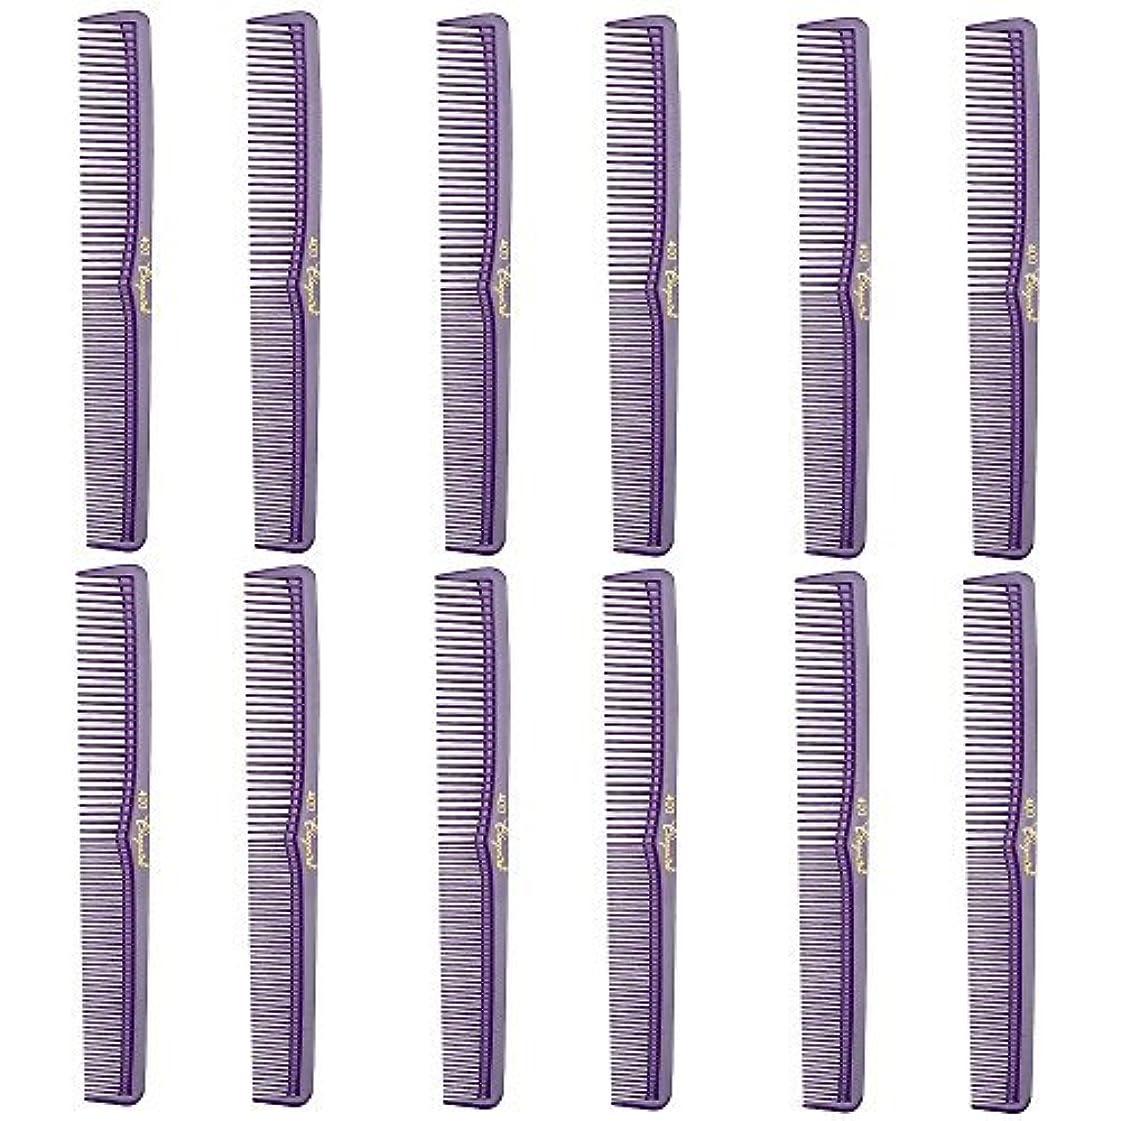 煙抵抗離すBarber Beauty Hair Cleopatra 400 All Purpose Comb (12 Pack) 12 x SB-C400-PURPLE [並行輸入品]